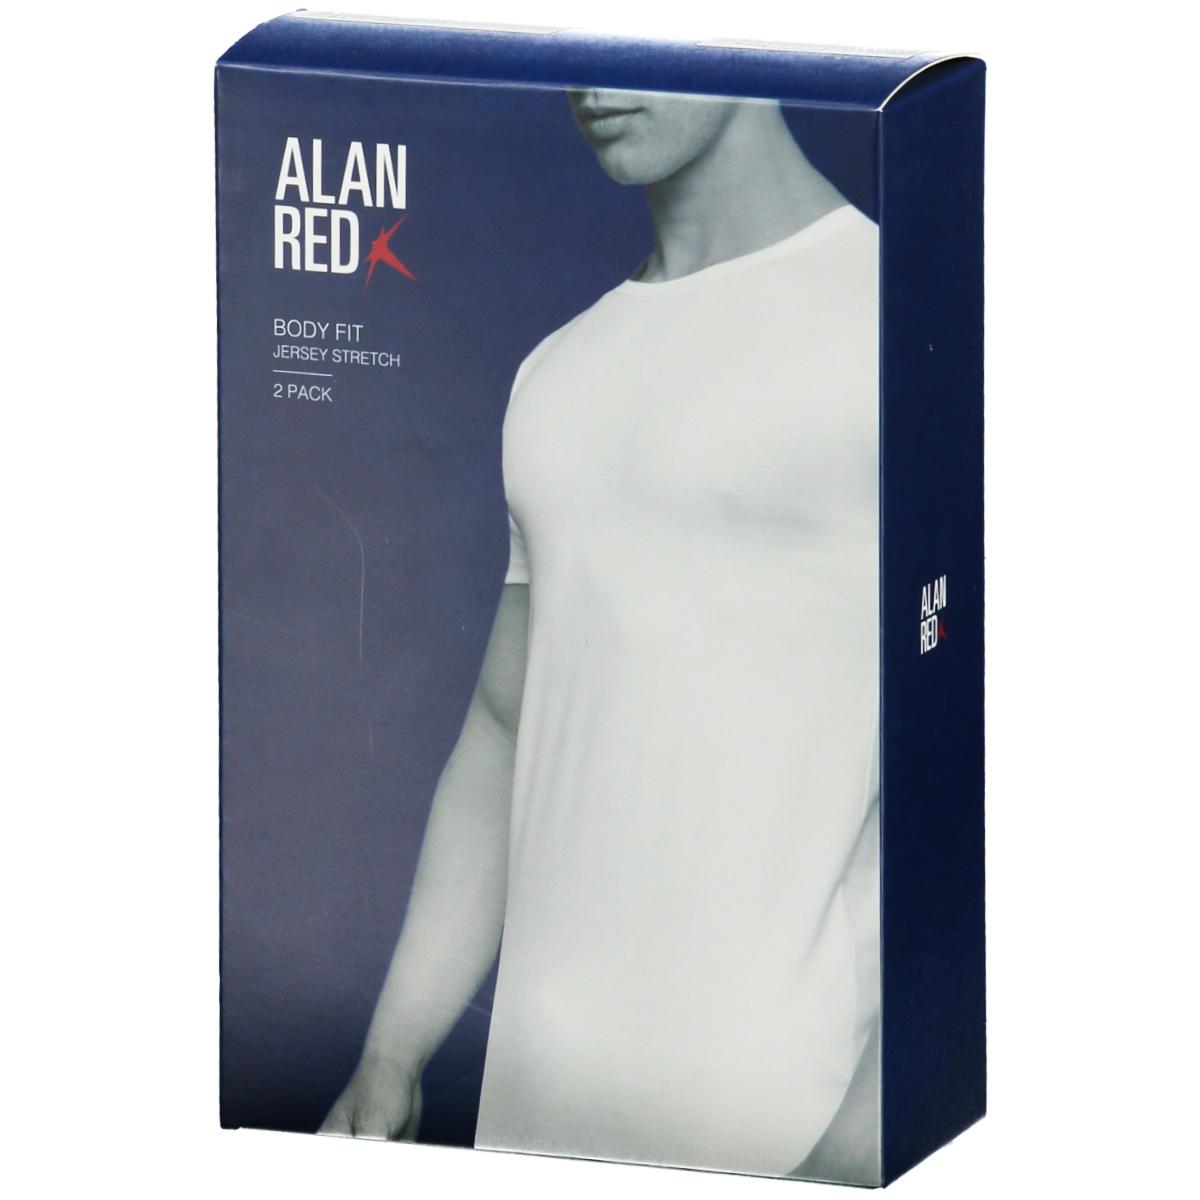 6680 ottowa 2 pack alan red t-shirt white